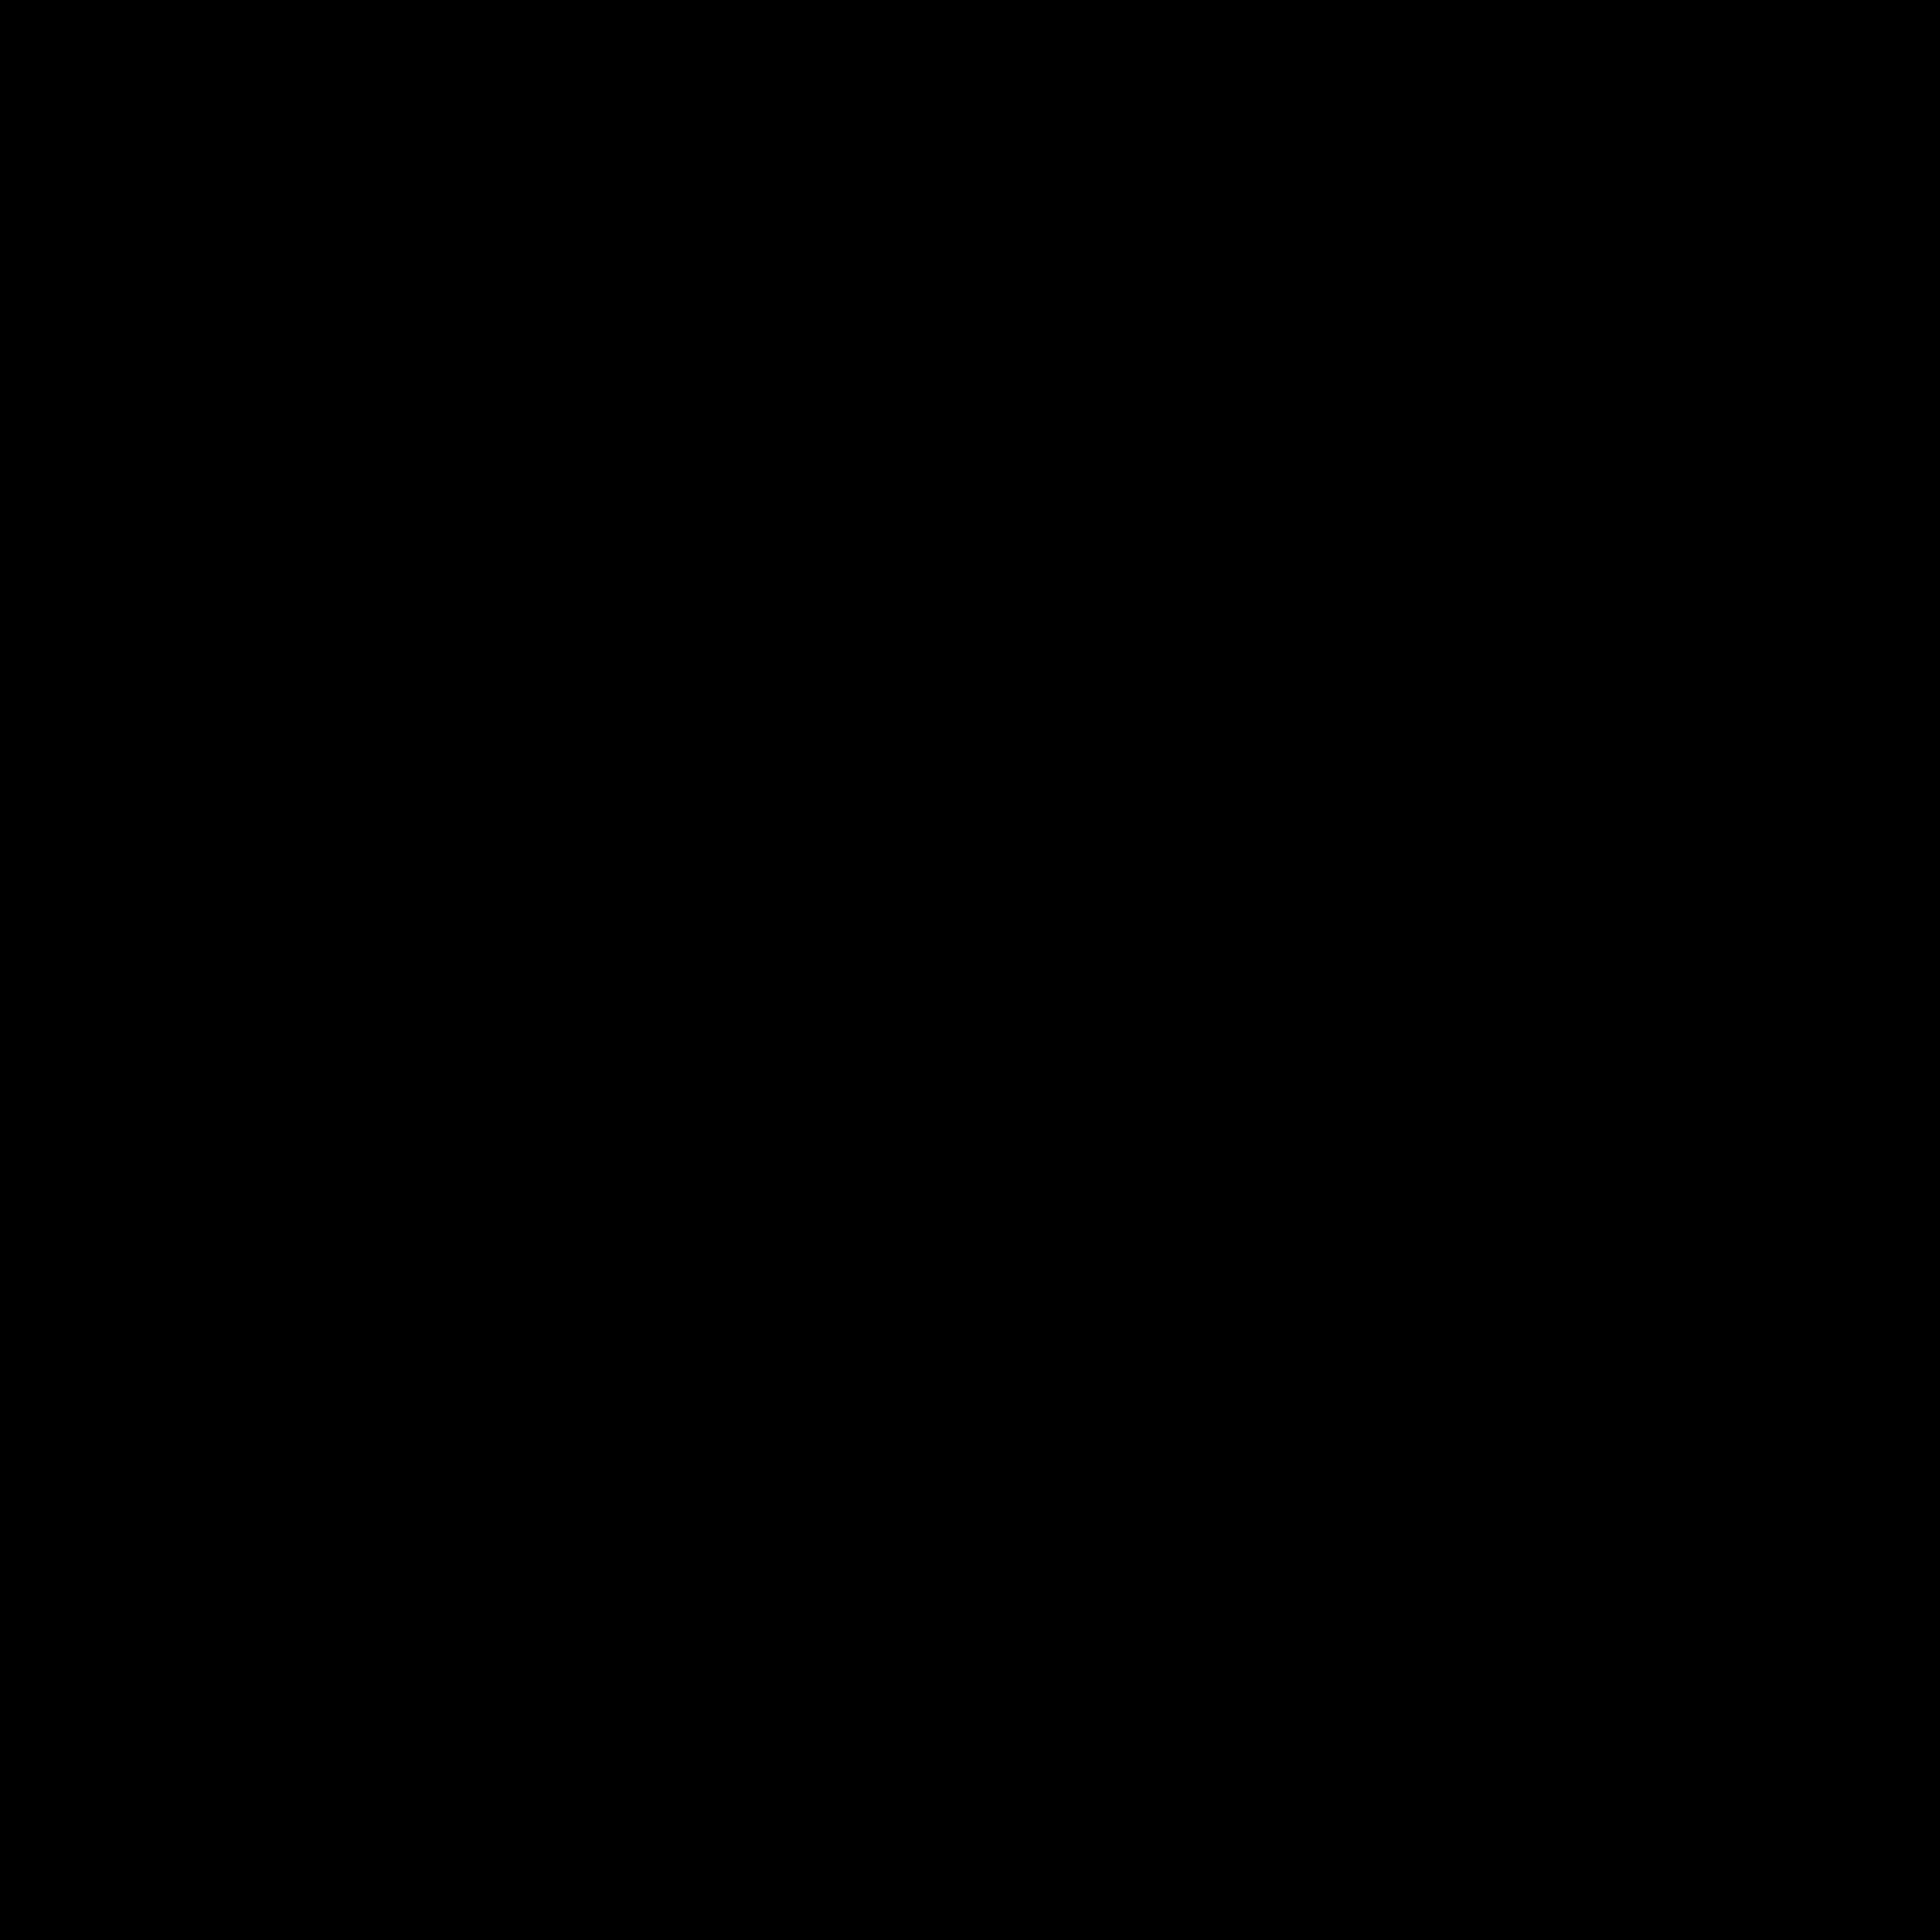 c6 bank logo 0 - C6 Bank Logo